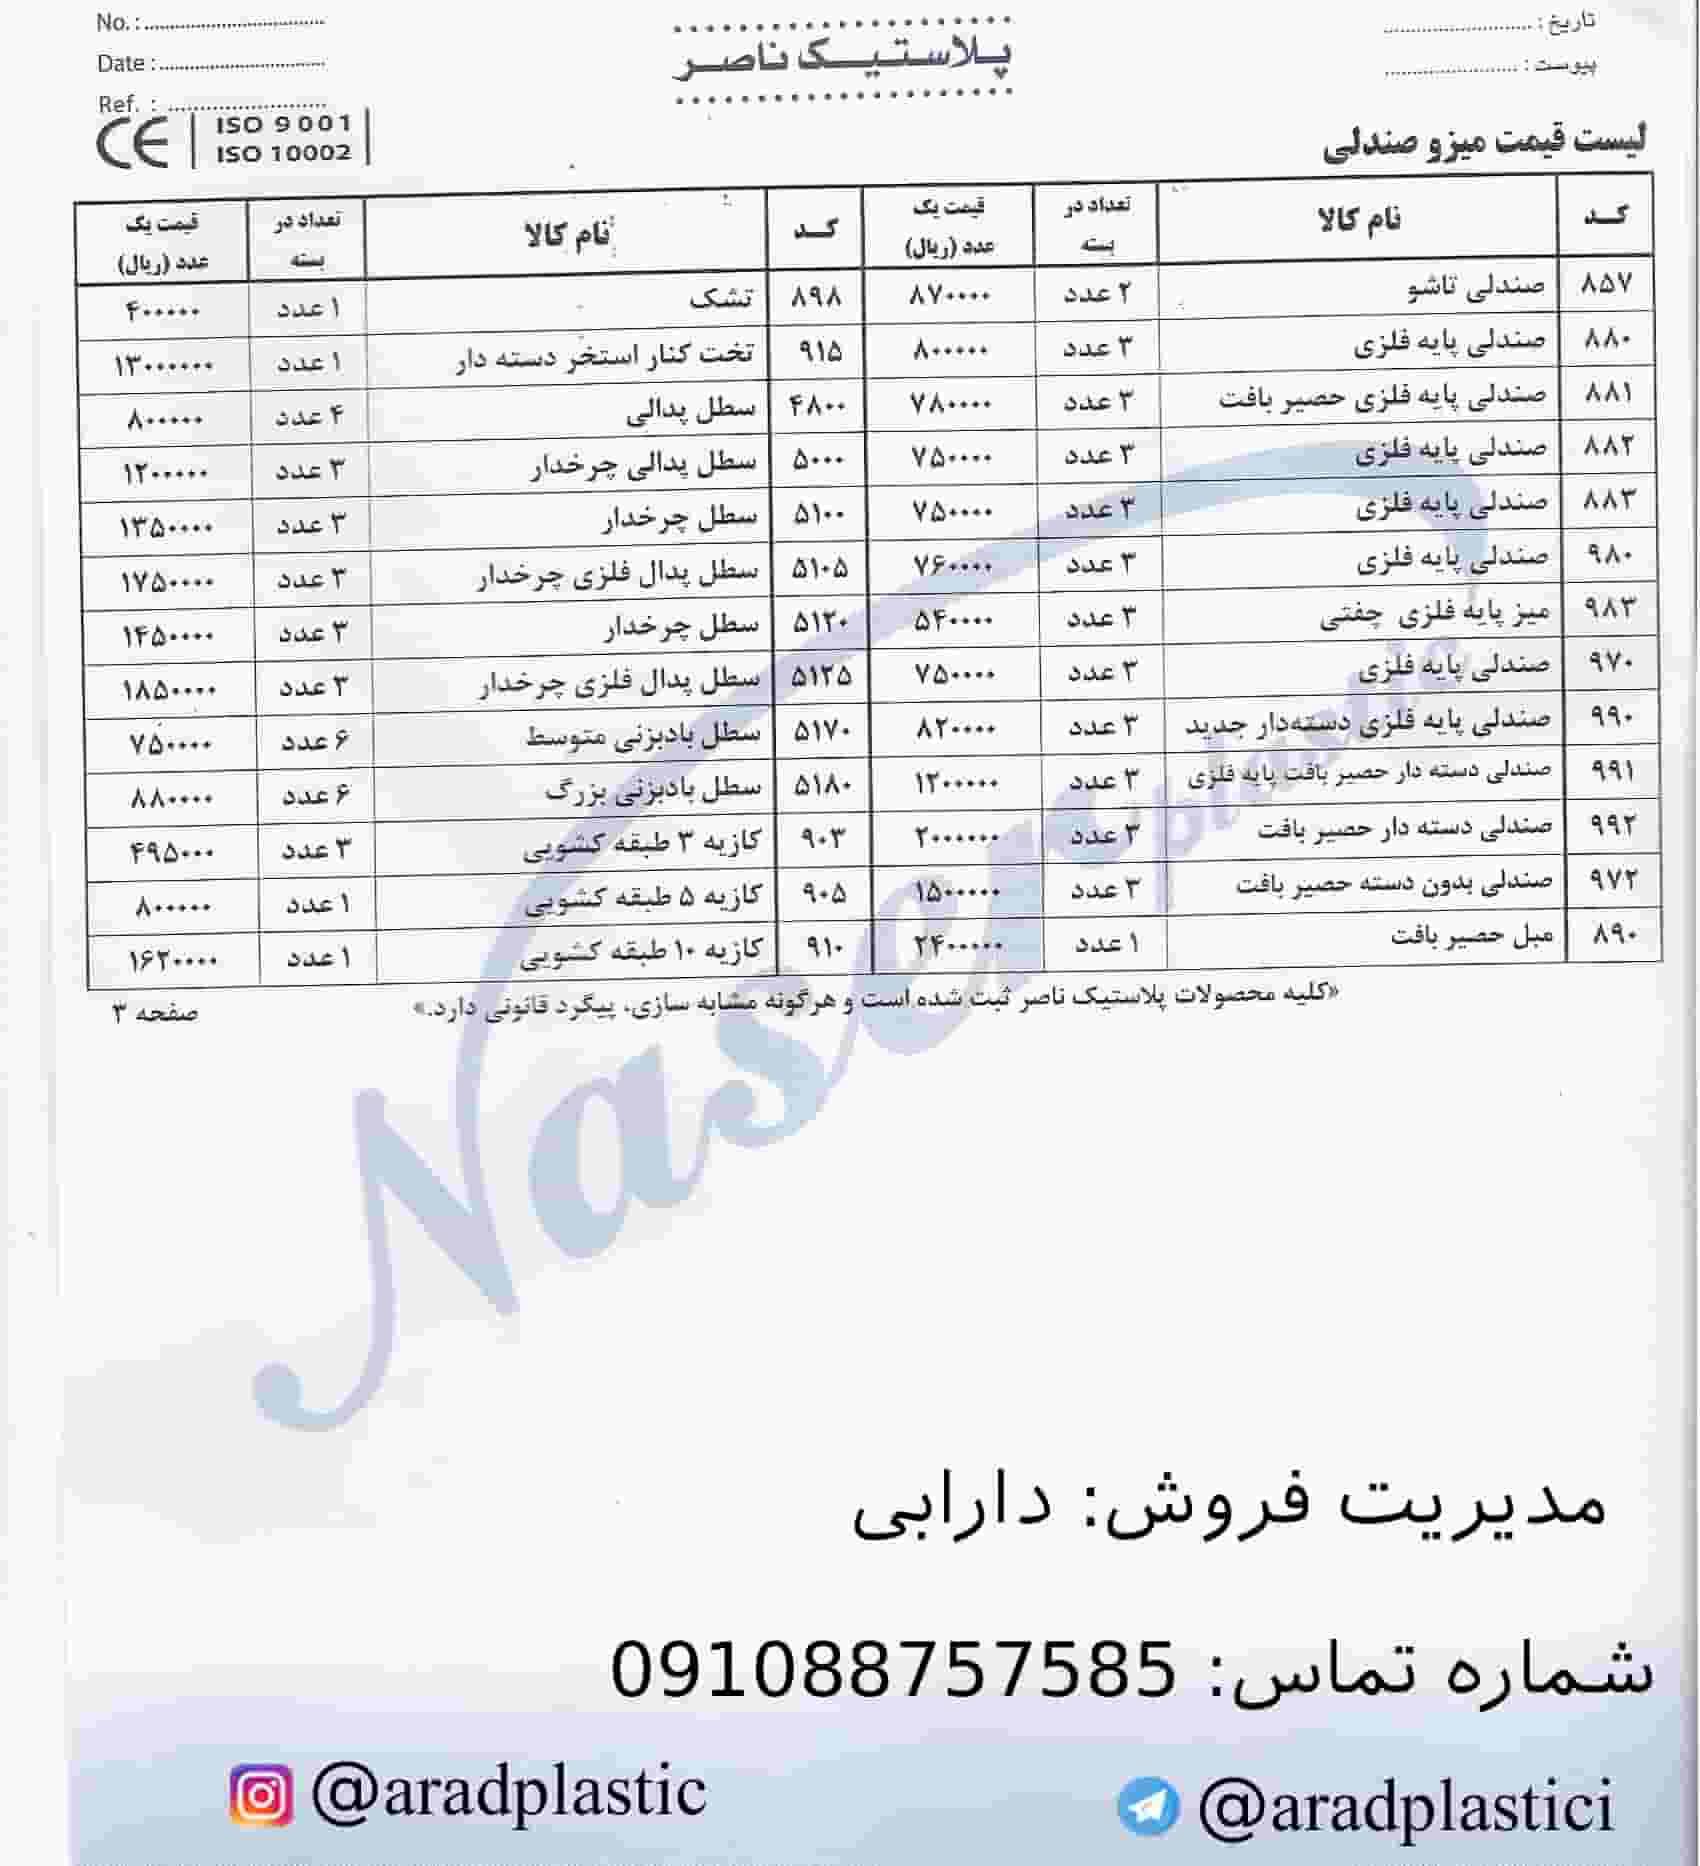 لیست قیمت محصولات پلاستیکی ناصر